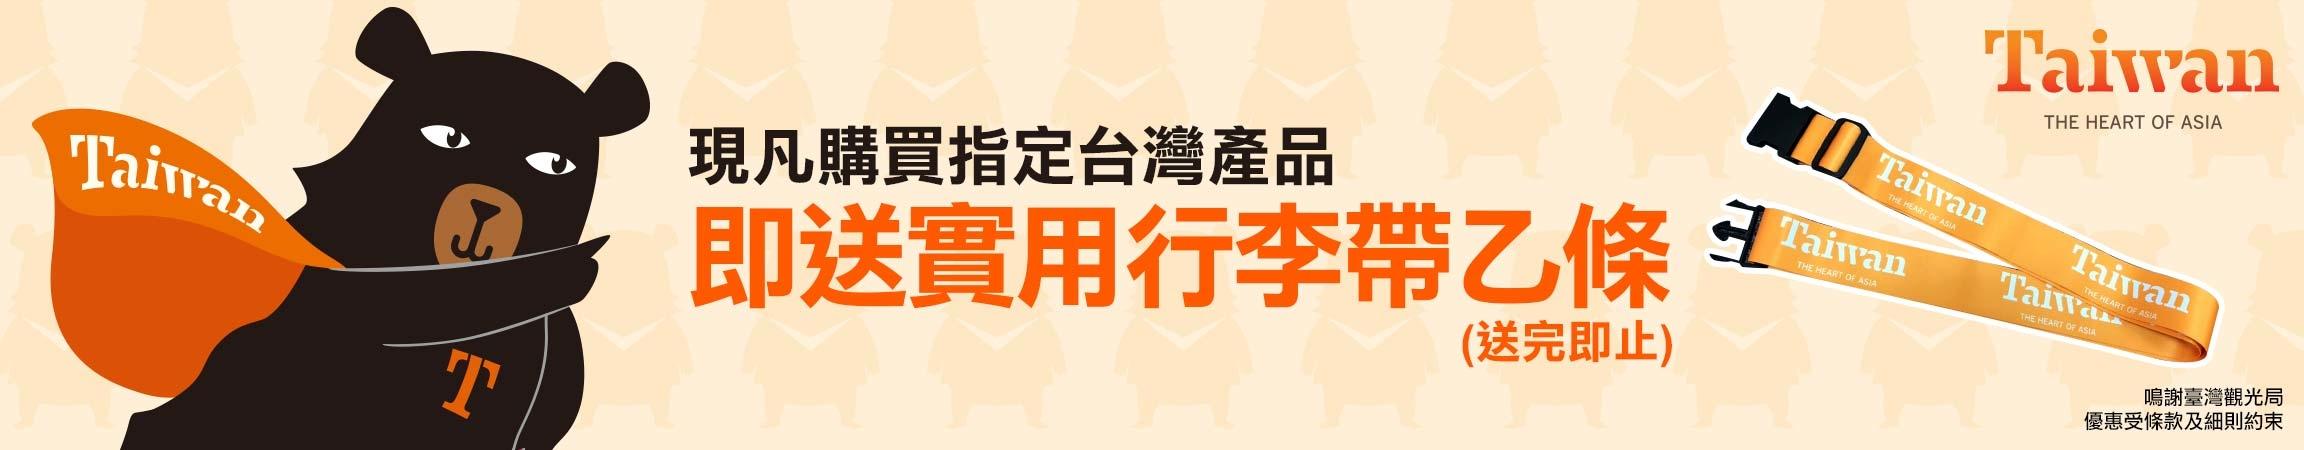 台灣網購專區